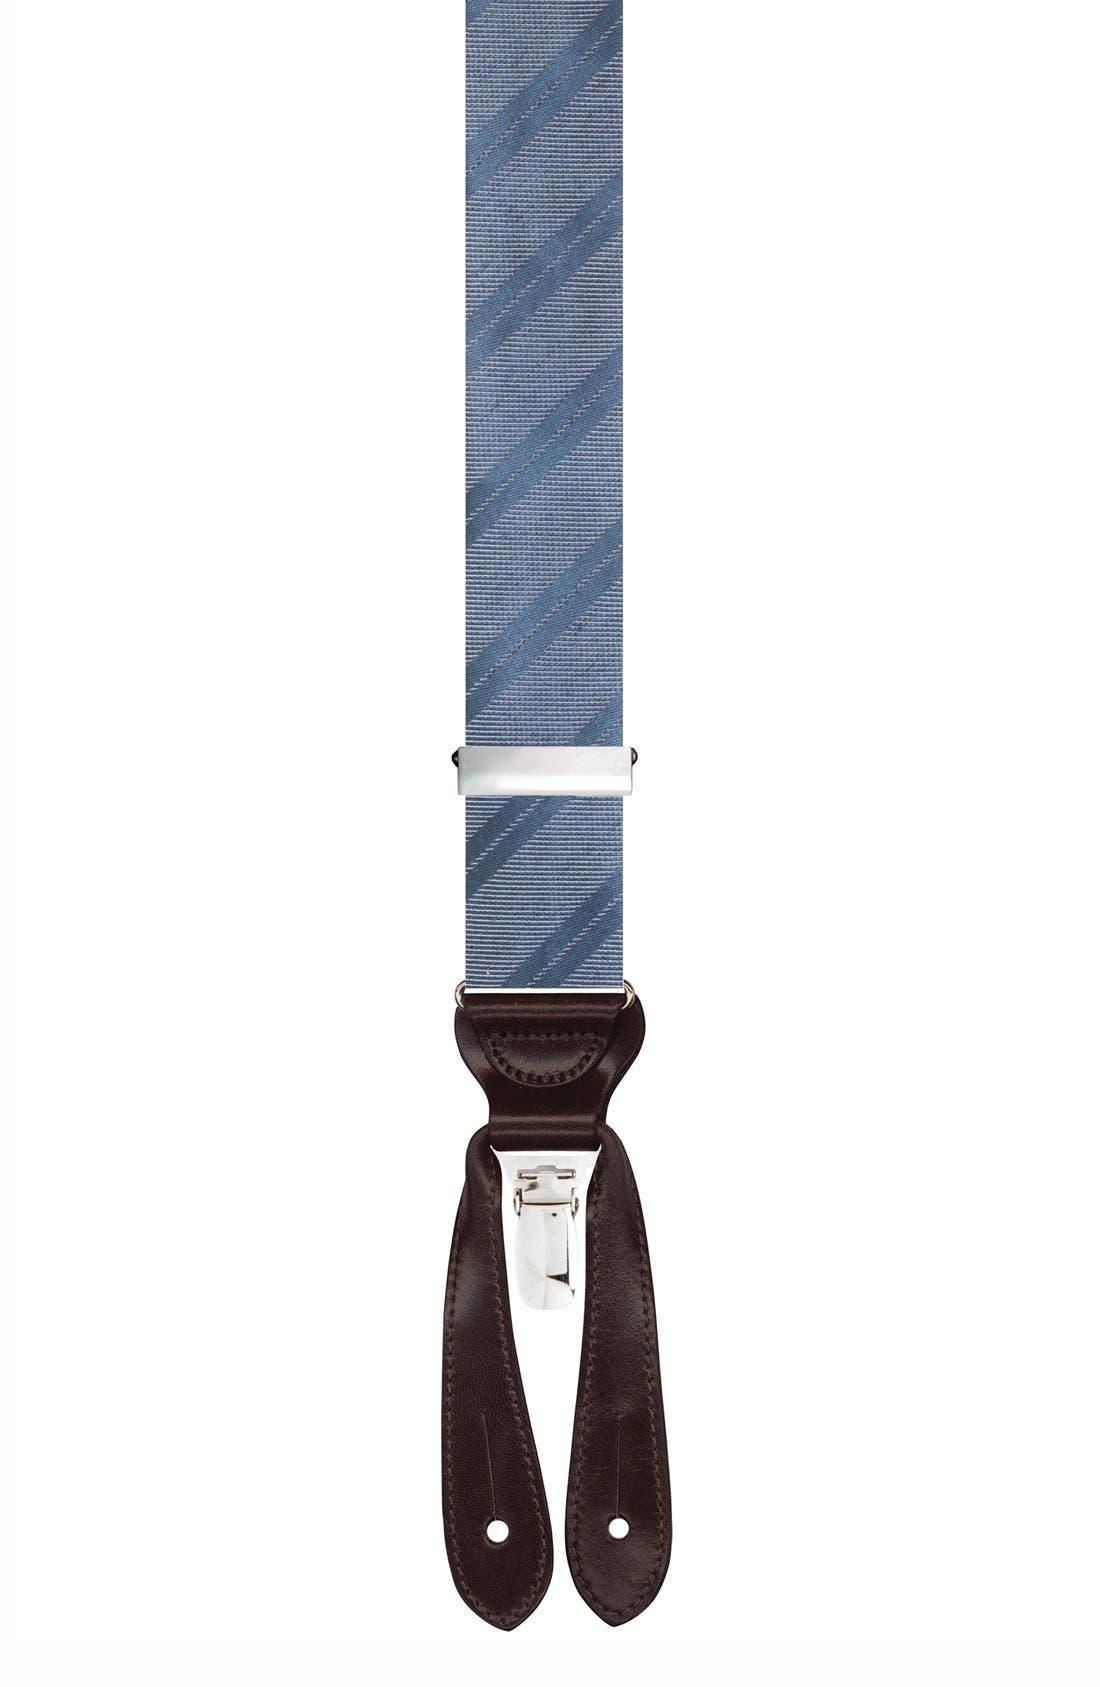 TRAFALGAR 'Modena' Silk Suspenders